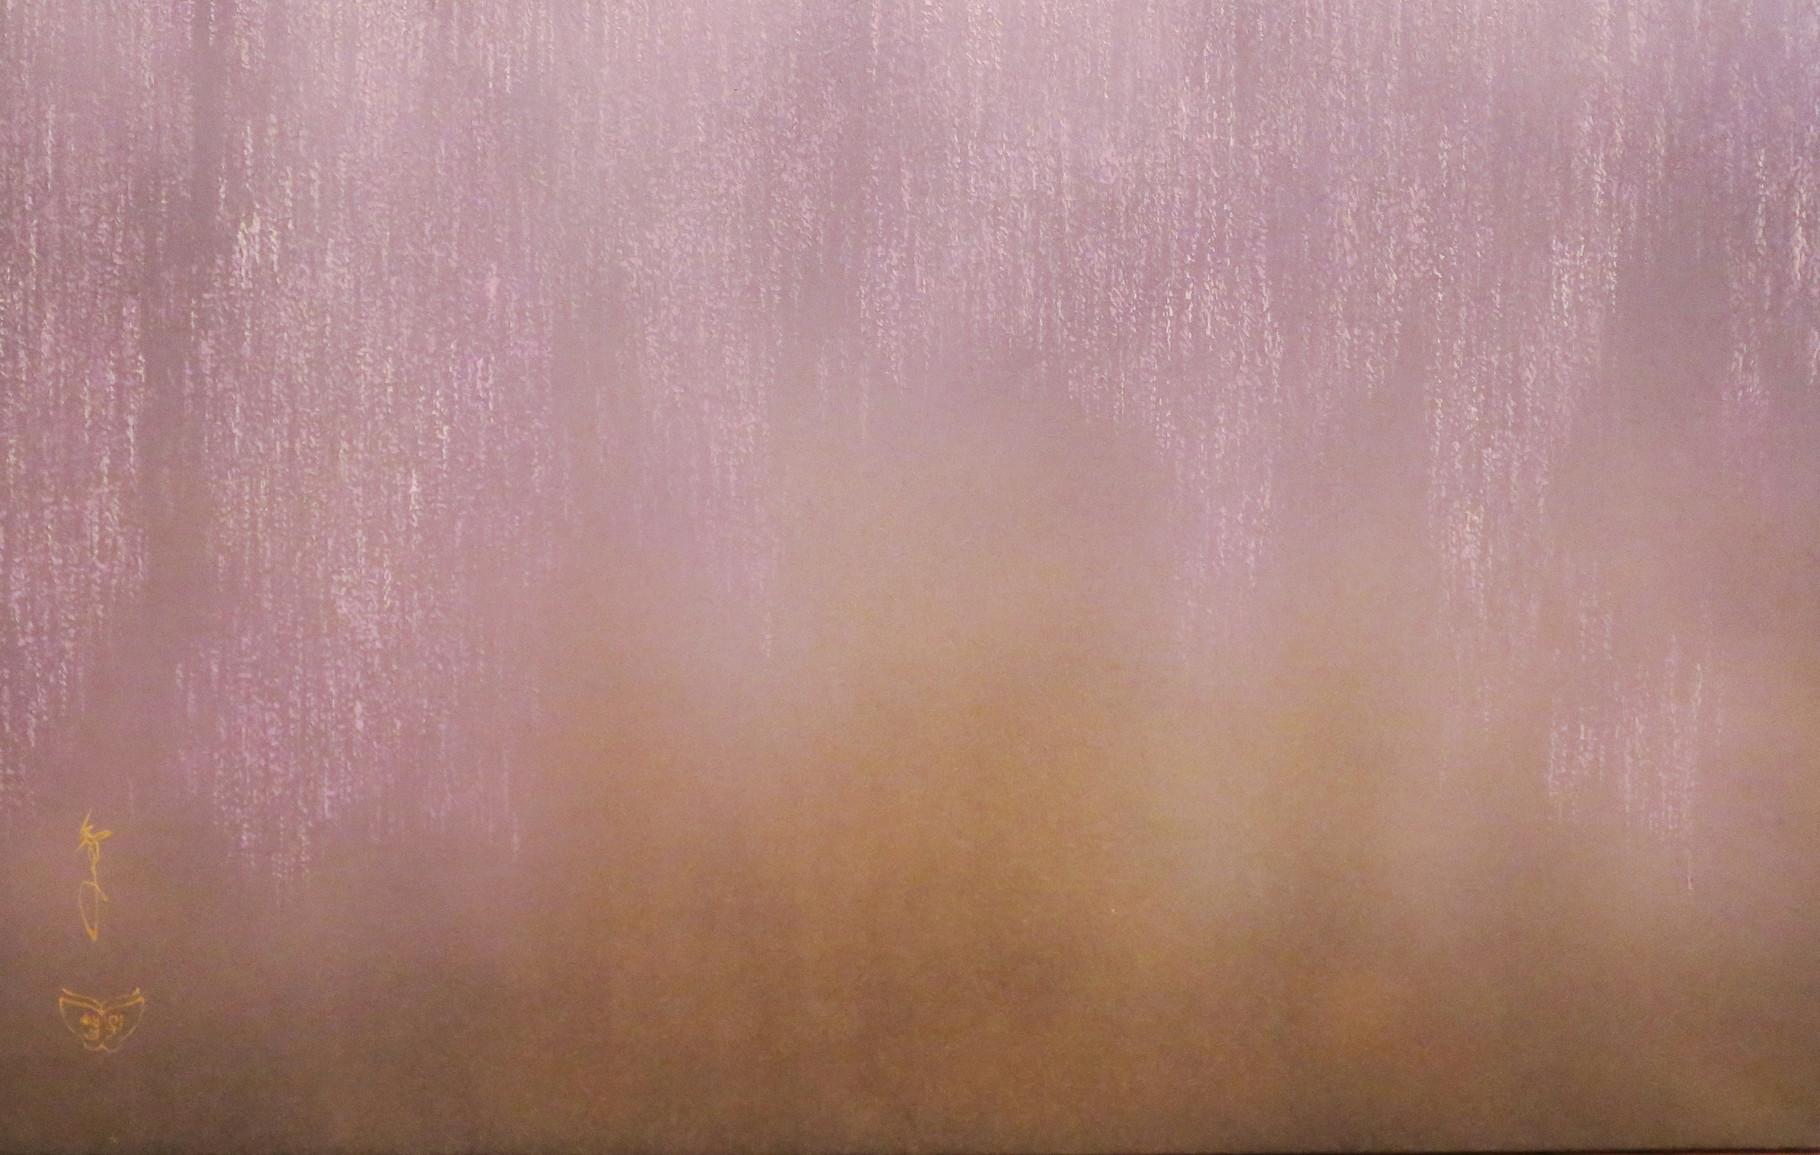 「足利大藤-紫」 雲肌麻紙・岩絵具 M10 237,600円(税込)